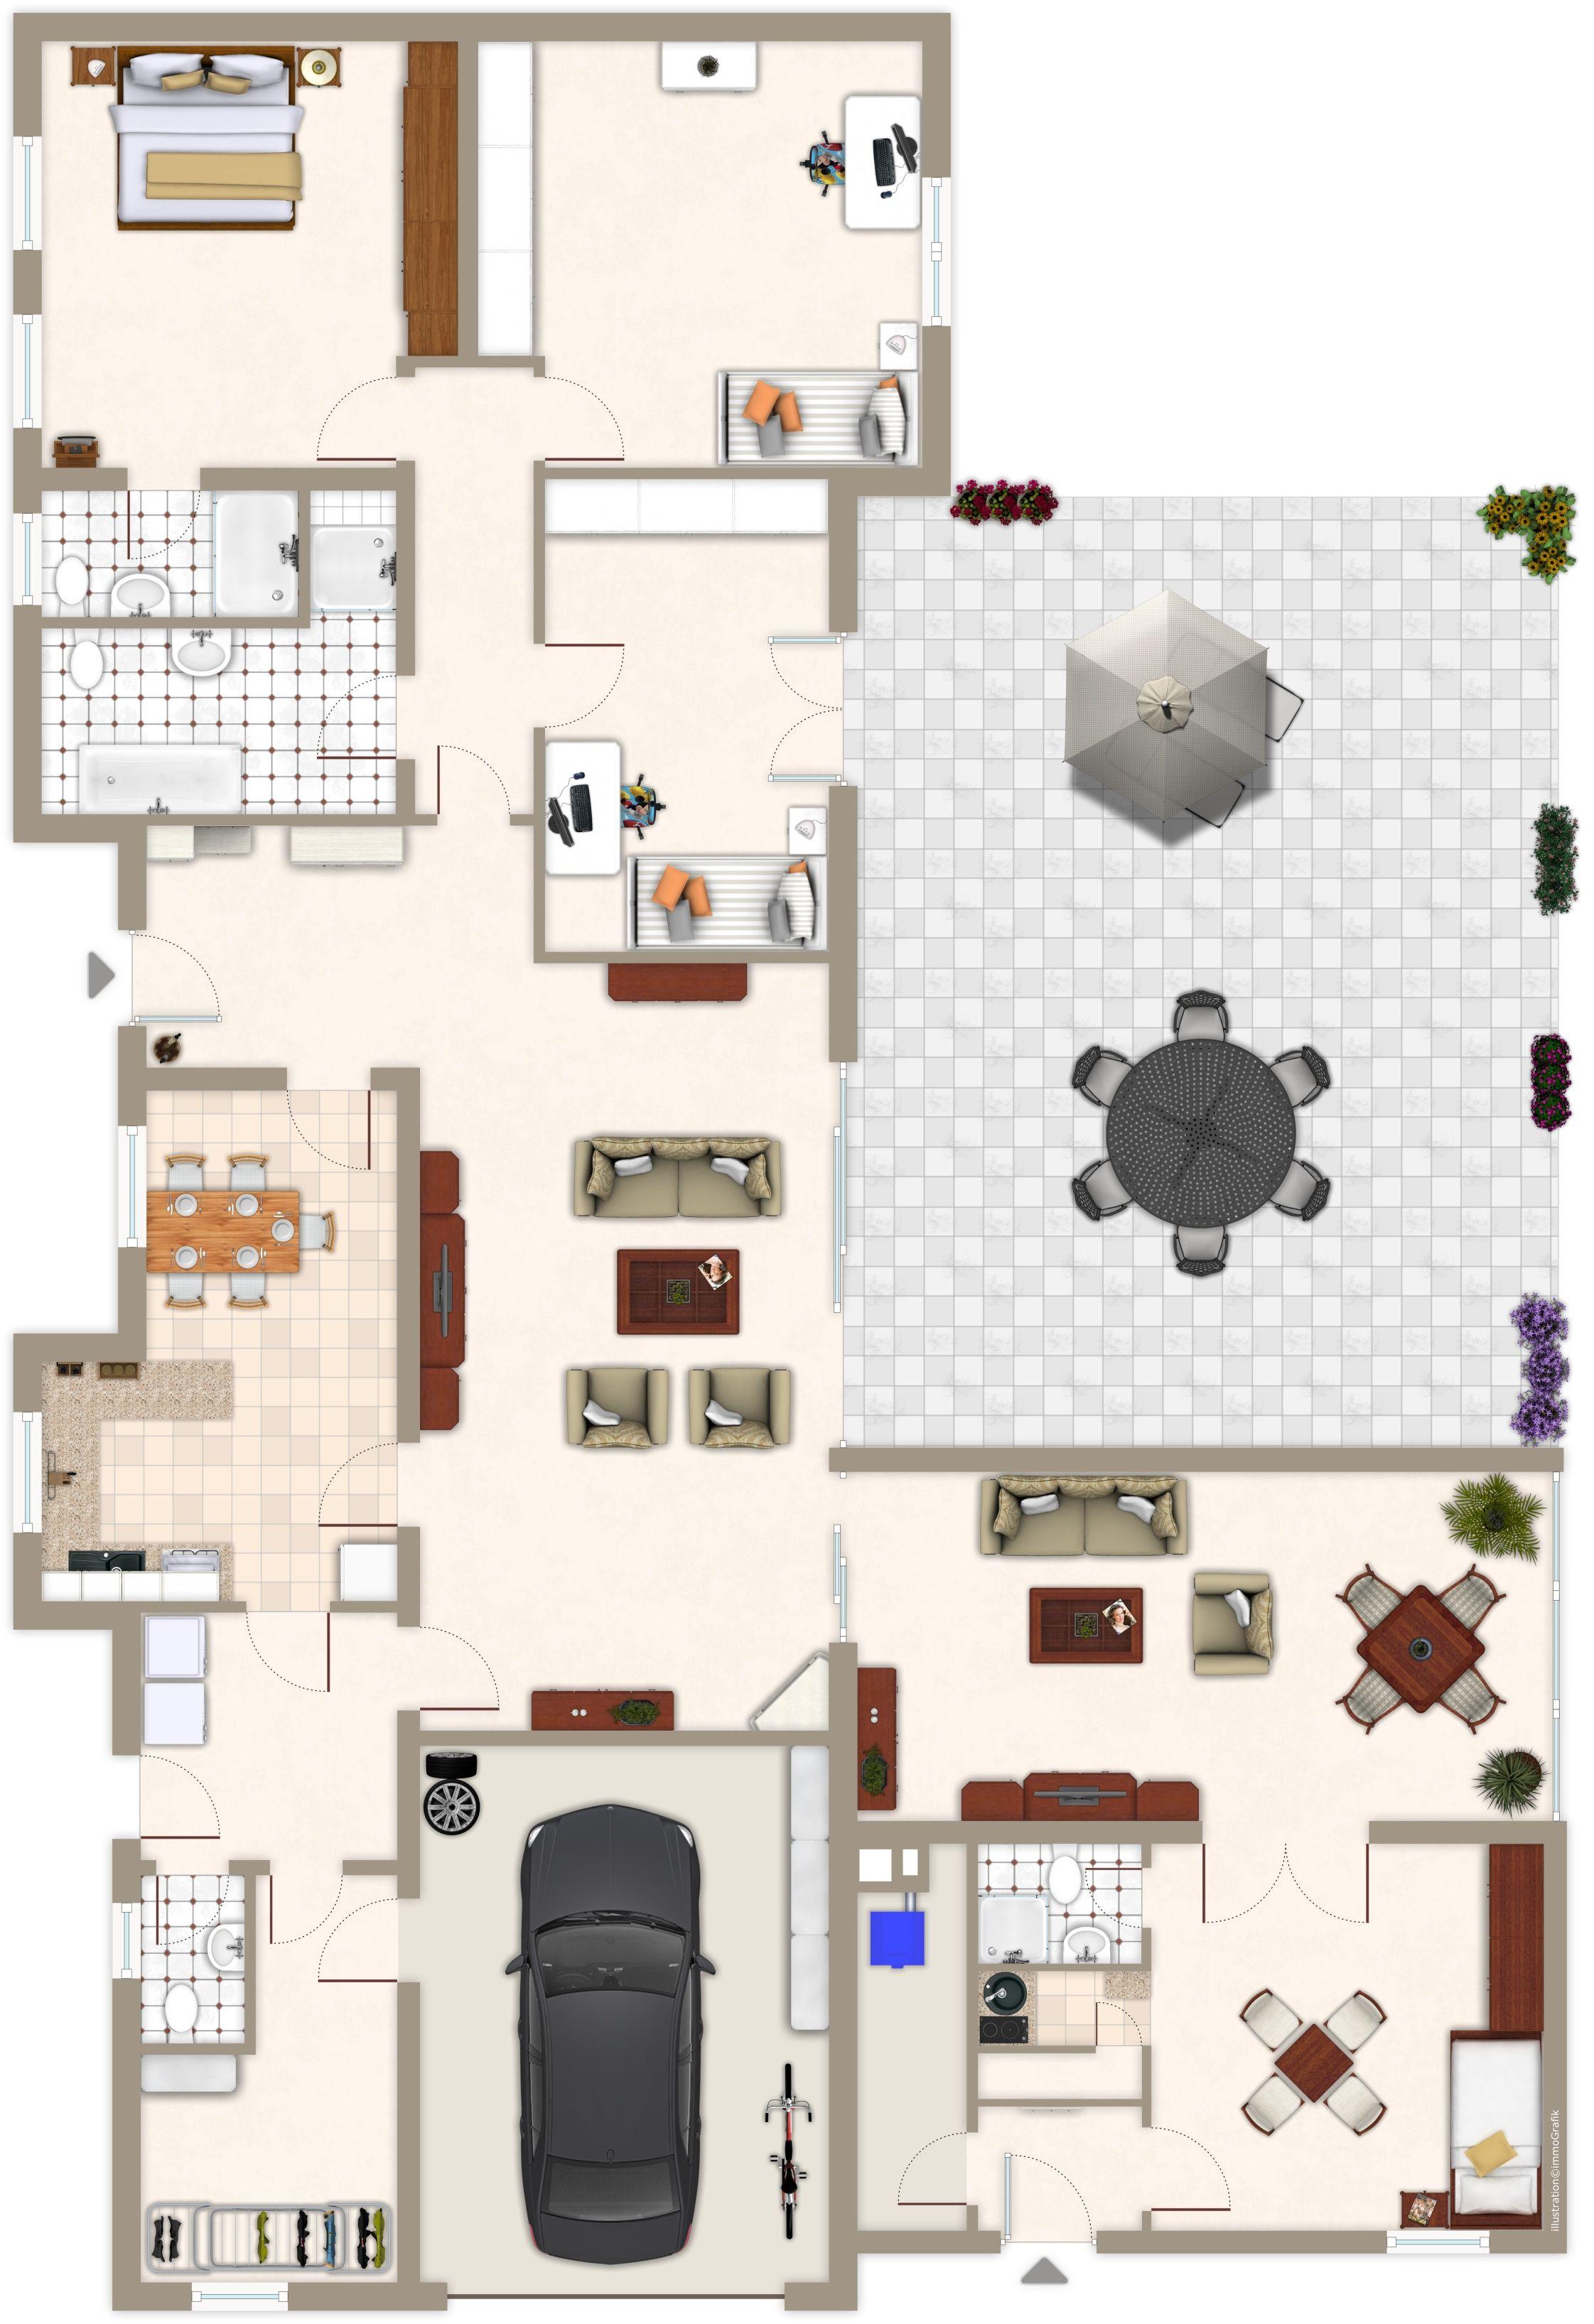 Hauspläne bildergebnis für hauspläne bungalow grundrisse sims4 inspirationen